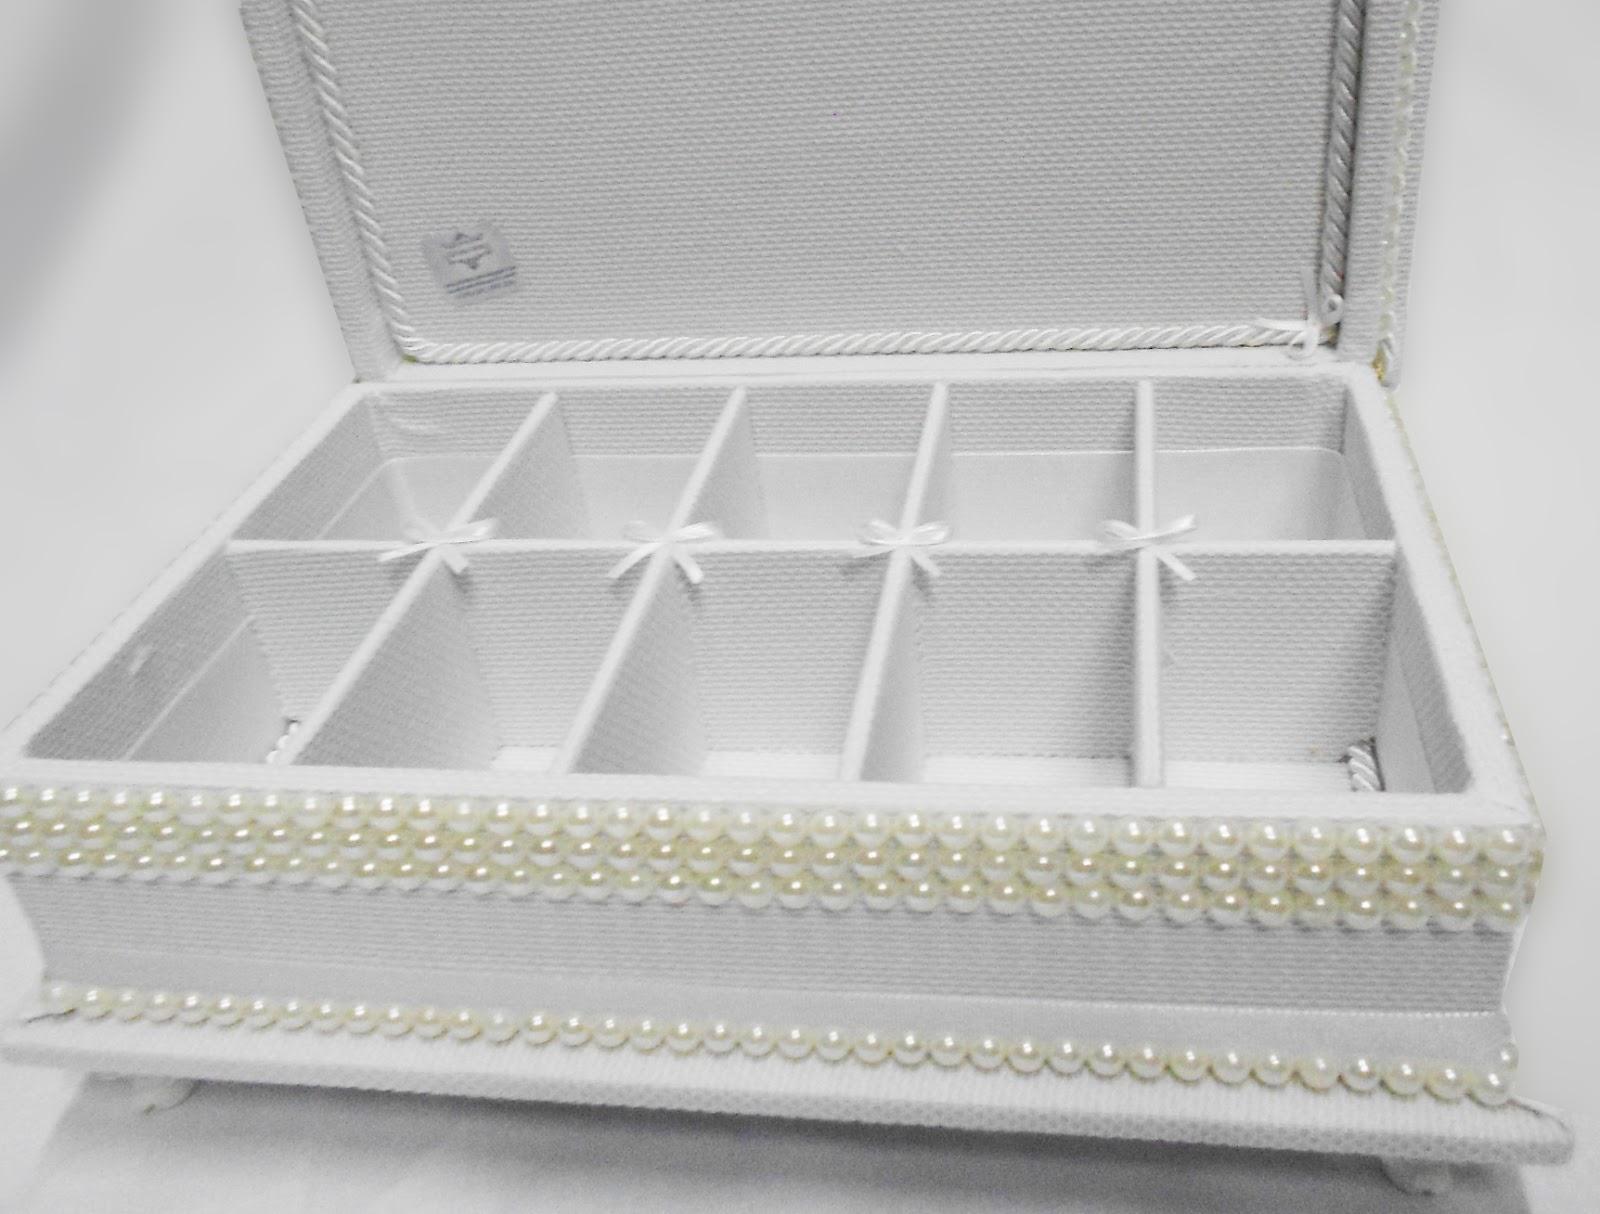 Divina Caixa: Caixa para kit de toillet branco piquet com aplicação  #736D58 1600 1214